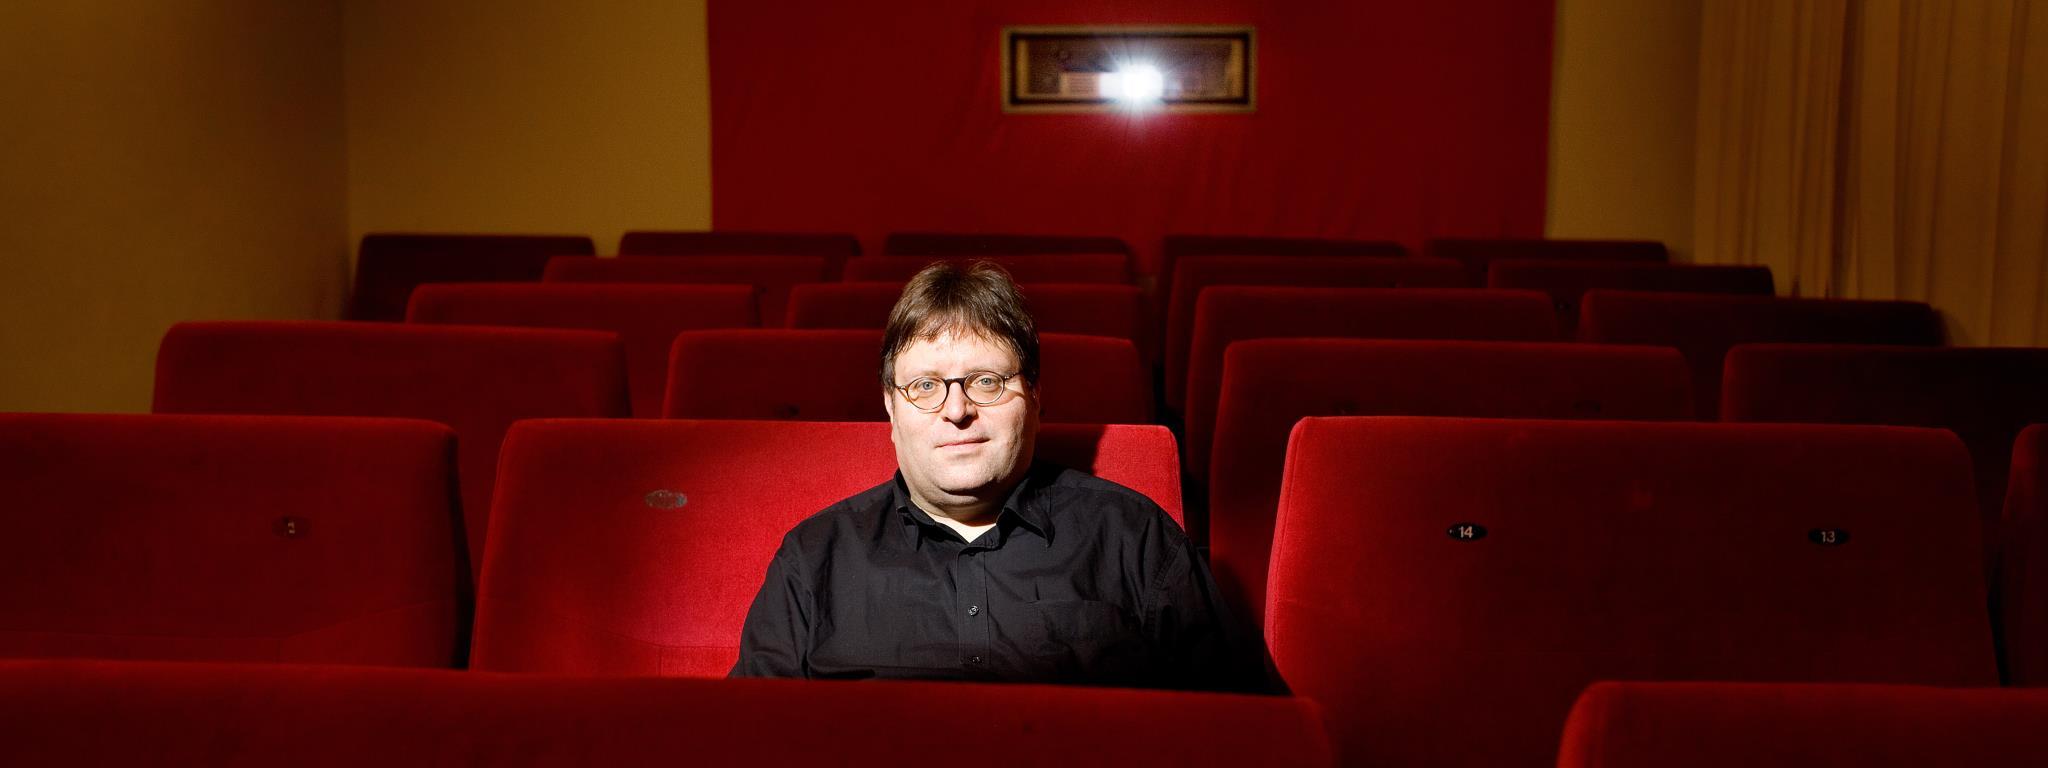 Lars Johansen gibt auf Einladung der Kulturmanufaktur Halberstadt e.V. einen kabarettistischen Jahresrückblick im papermoon